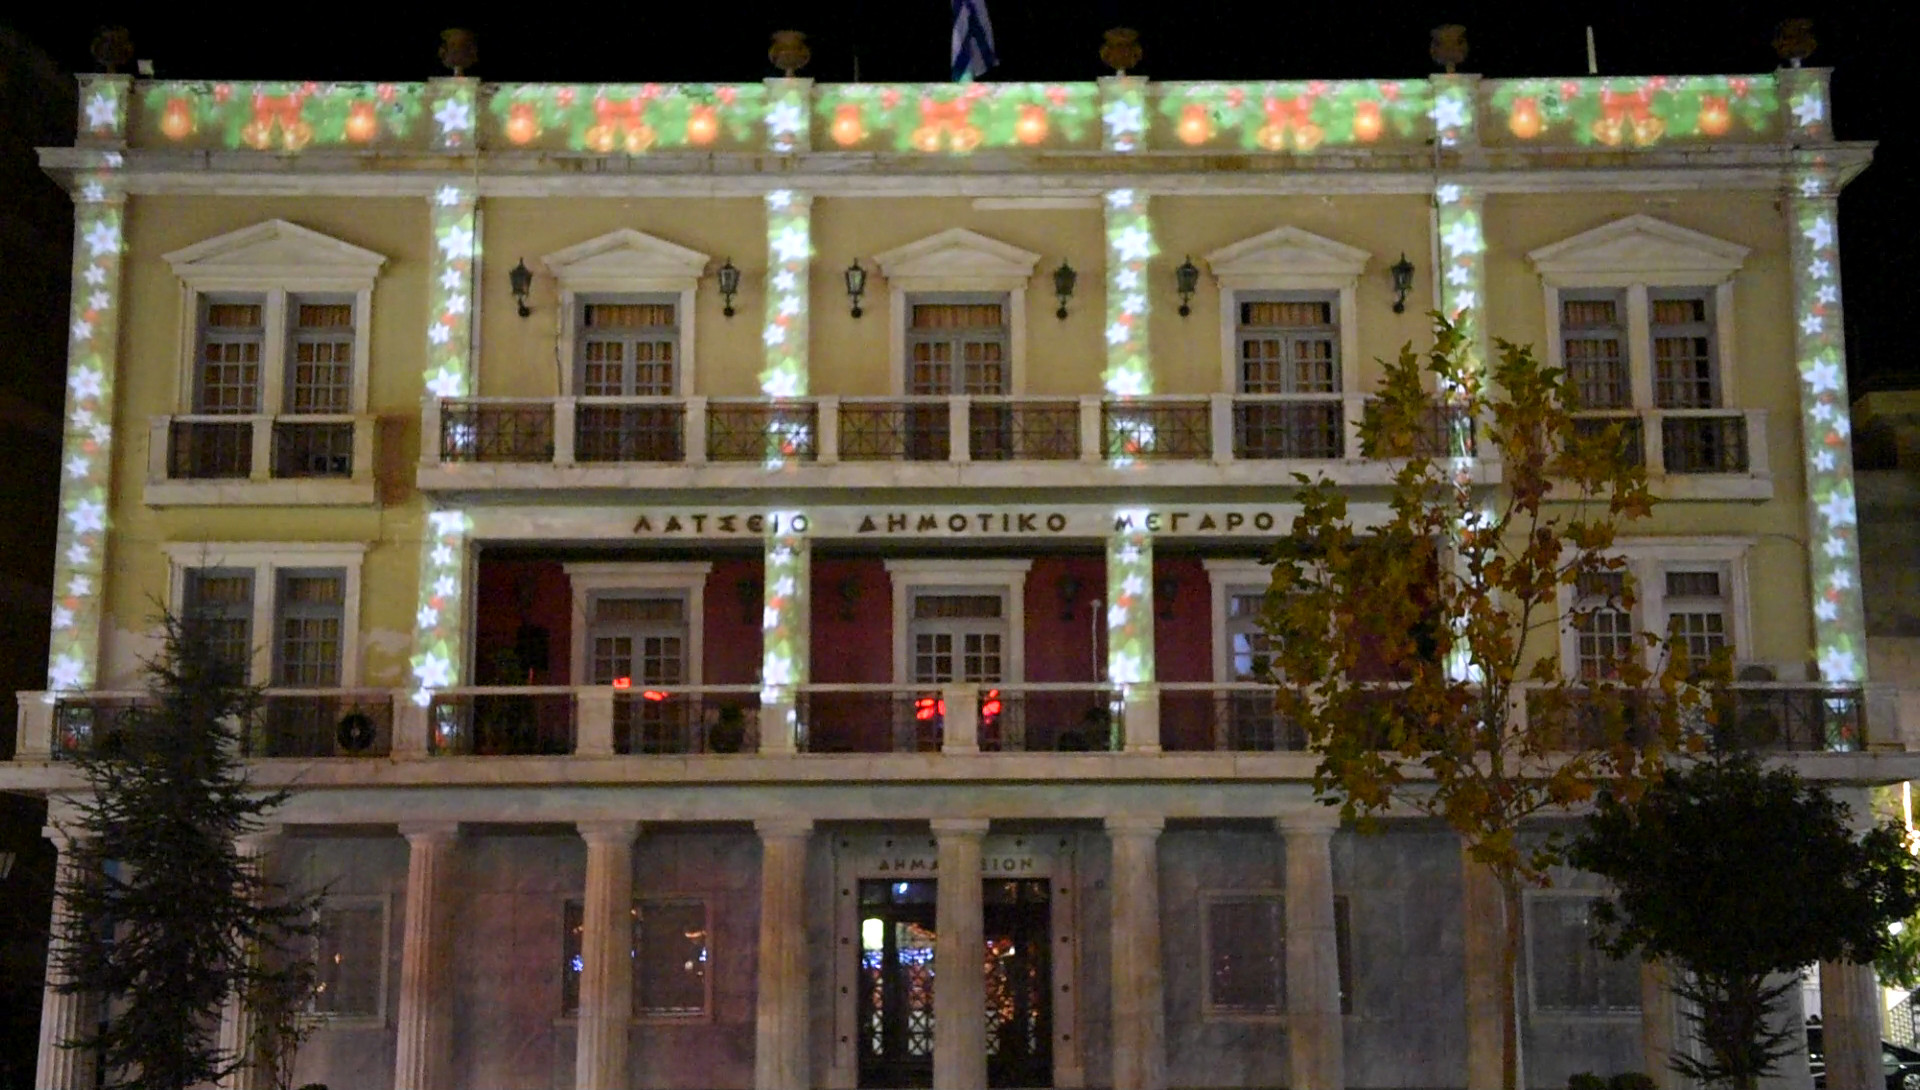 Nikolaos maragkos townhall 007